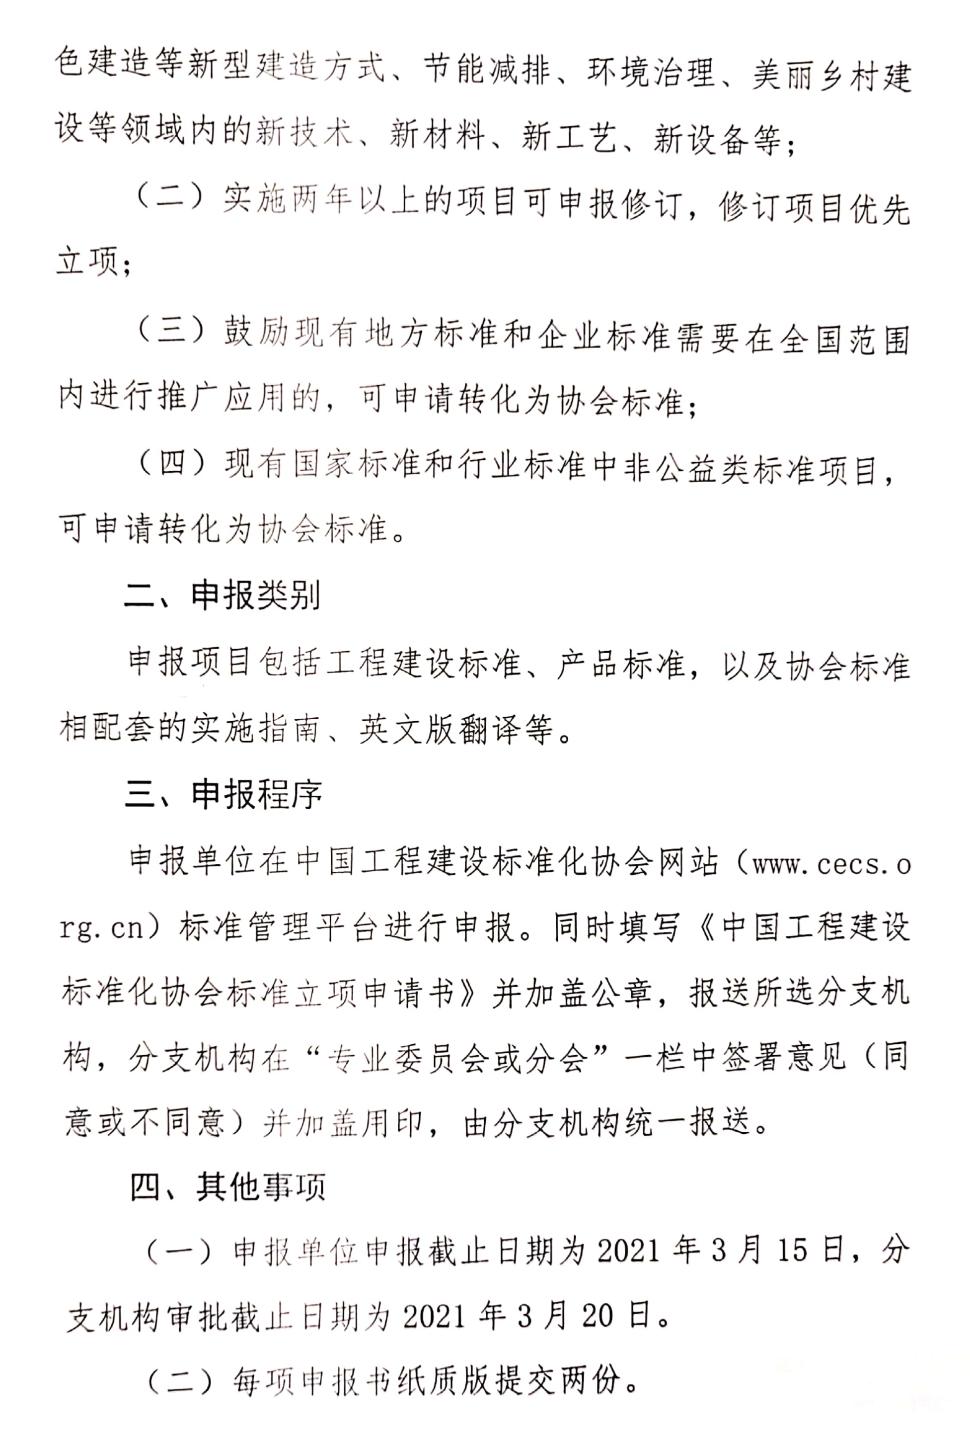 《关于征集中国工程建设标准化协会标准项目的通知》(建标协函2021[15]号)